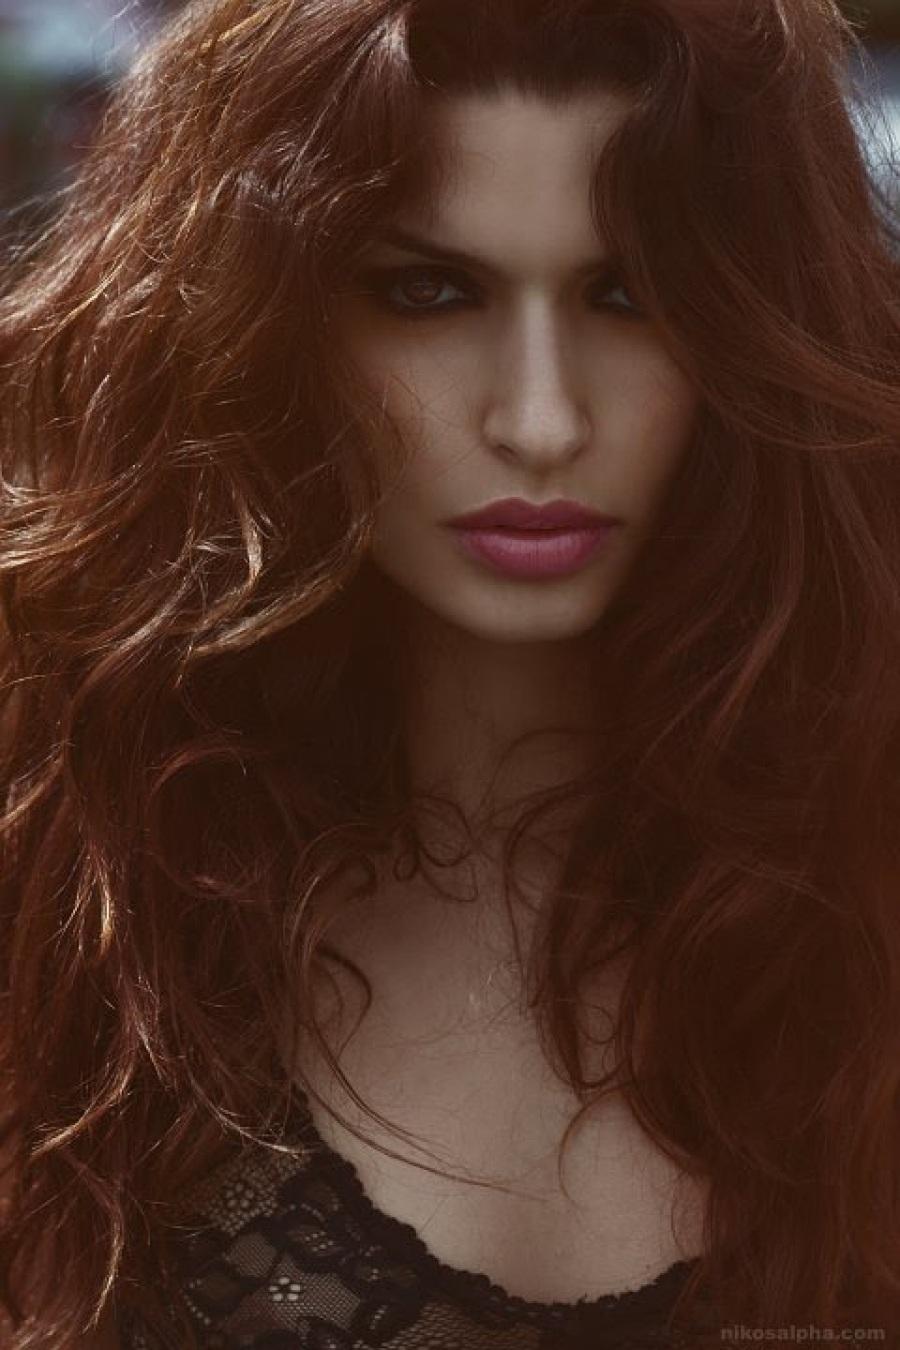 Фото девушки гречанки 10 фотография